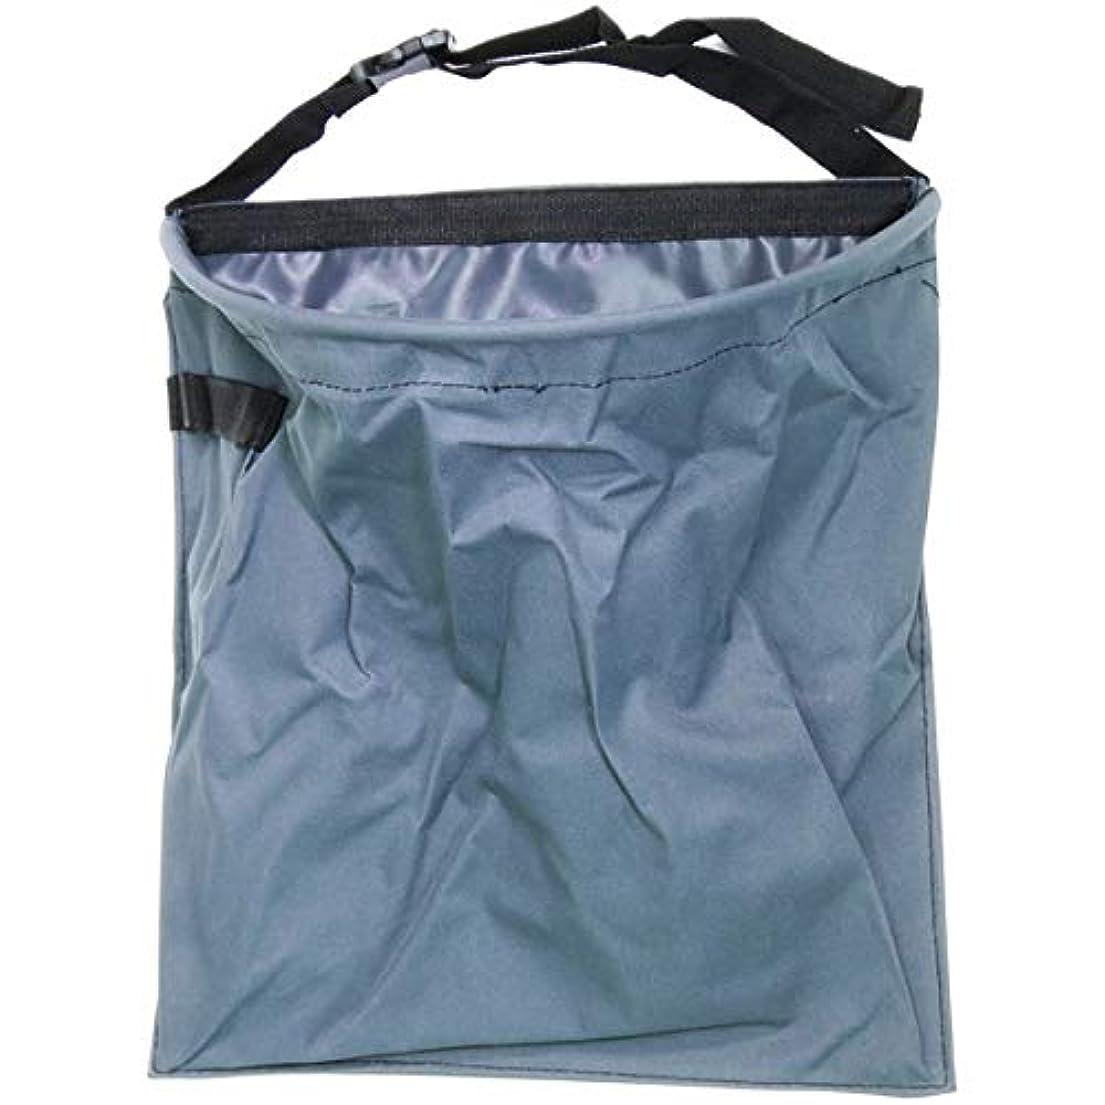 食用意見救援SUN UP ウエストでかバッグ ベルト付き TB-01L